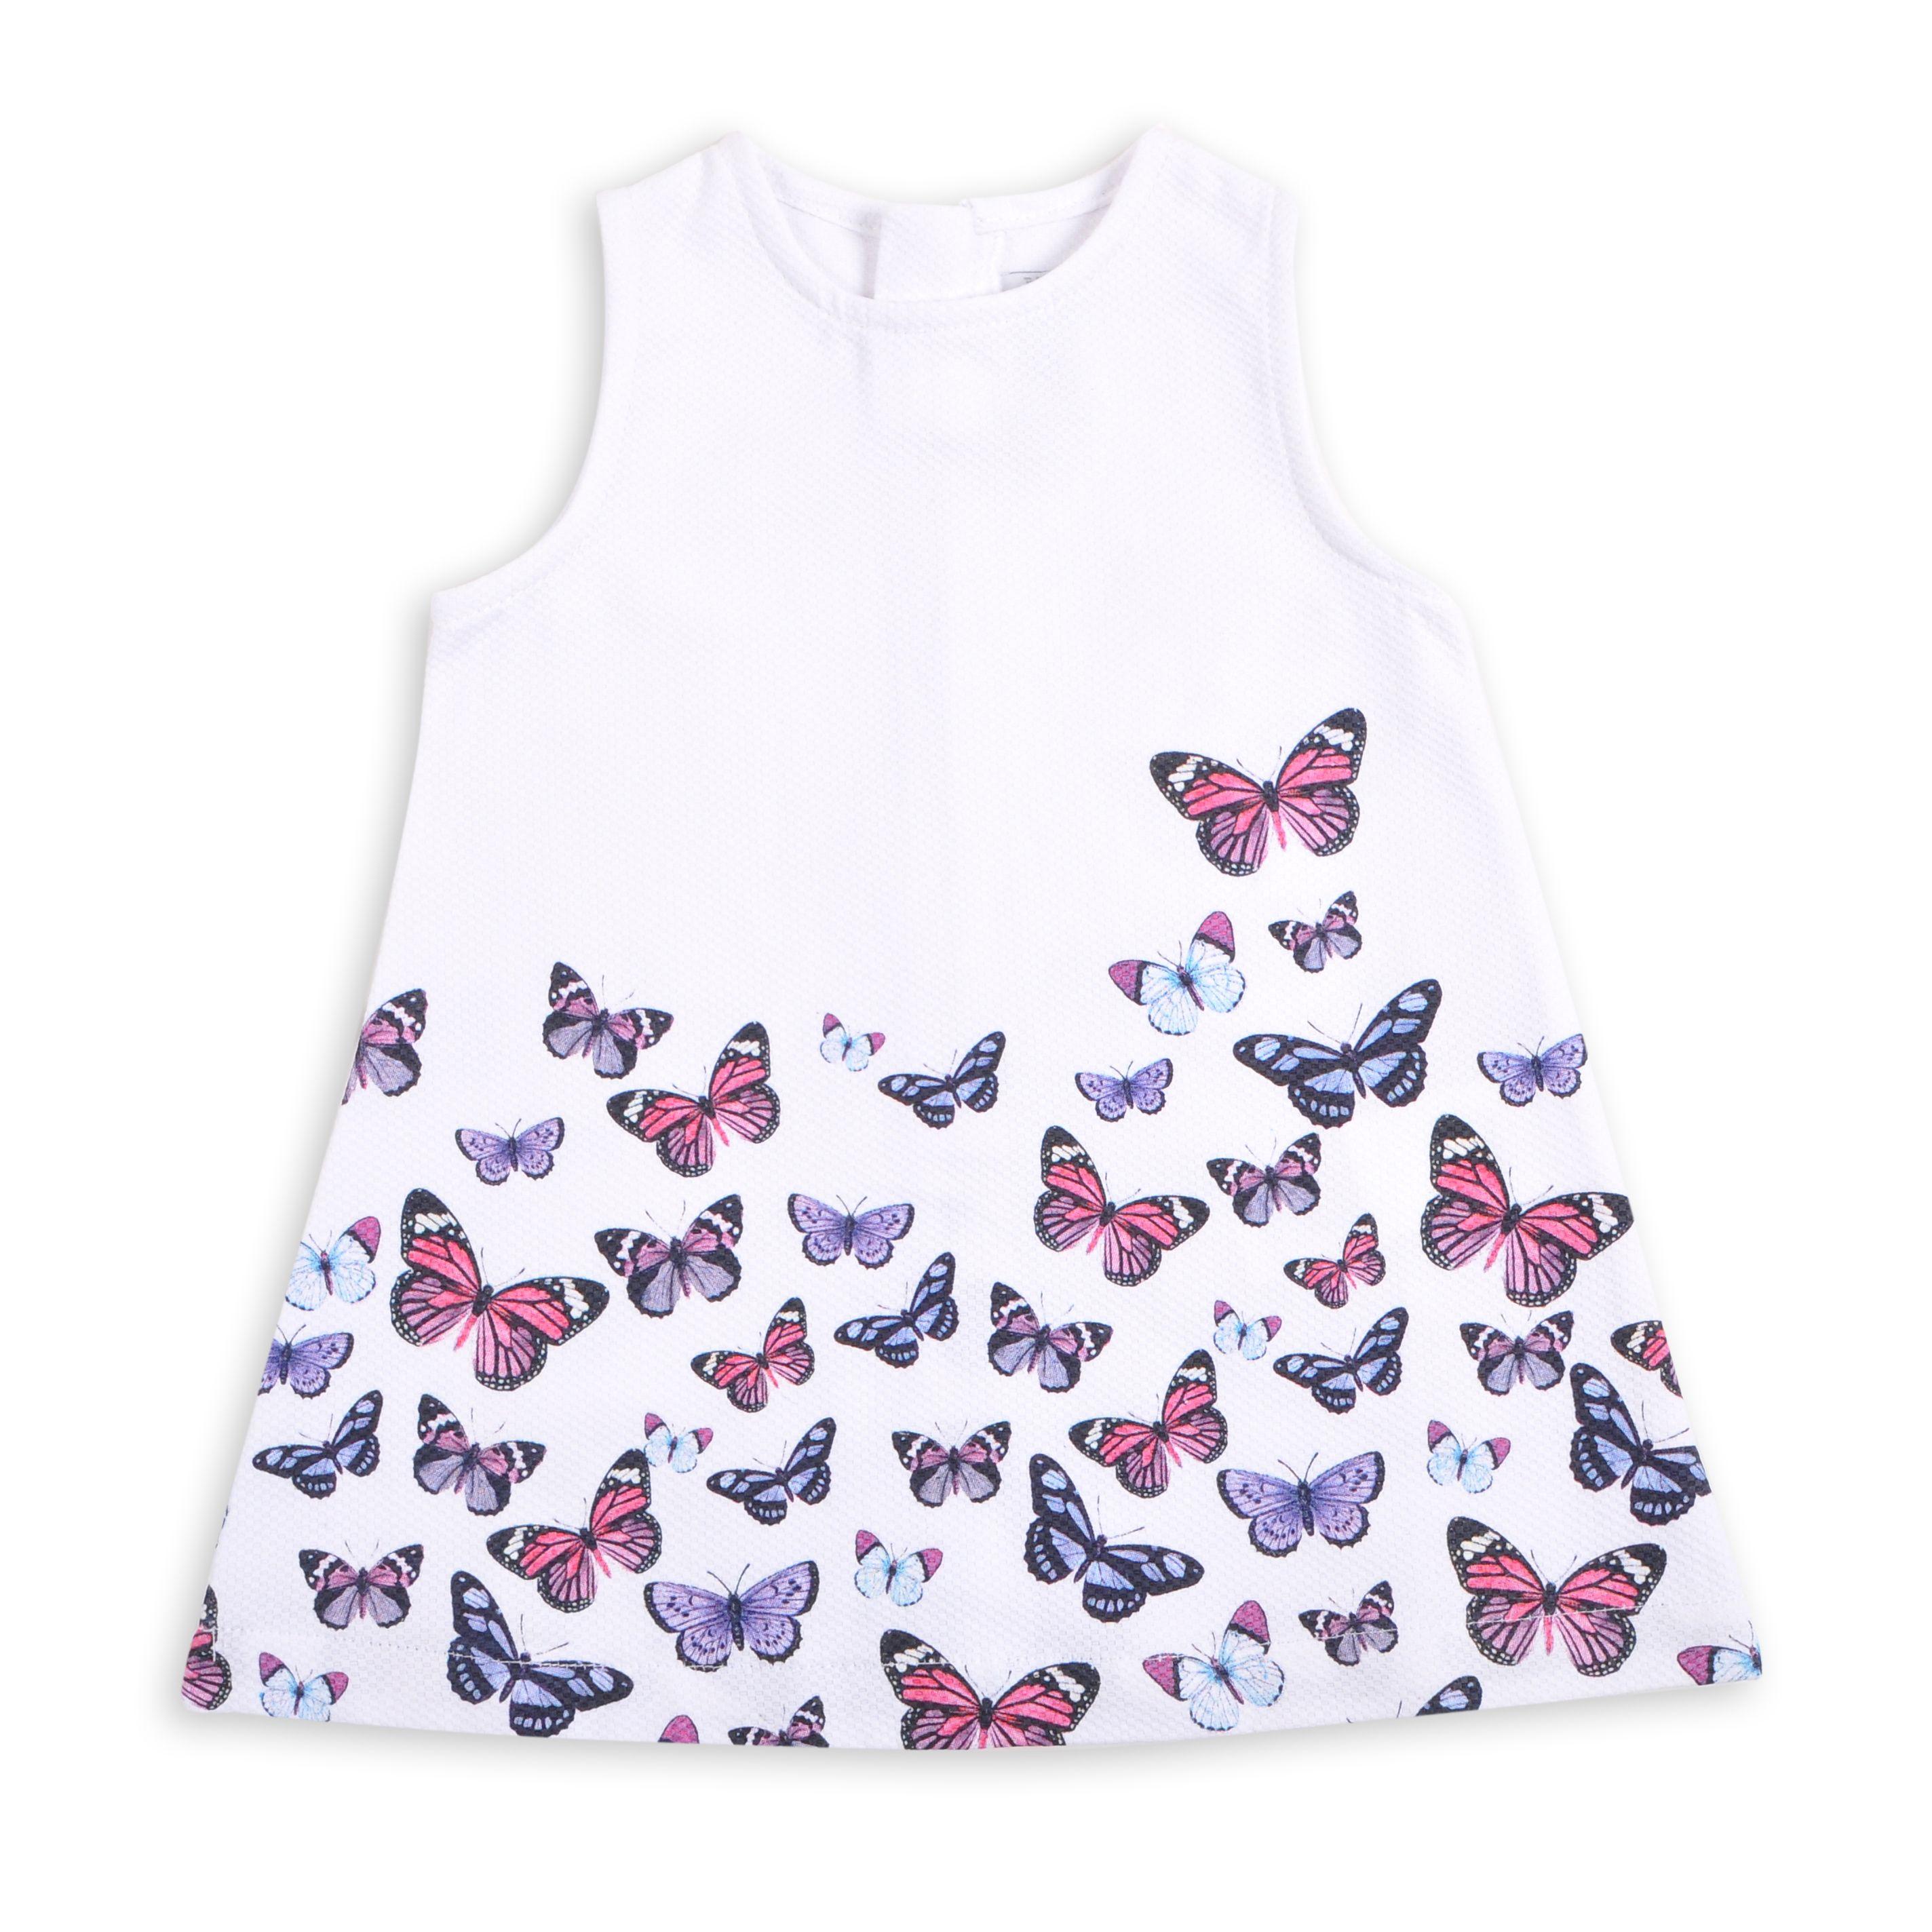 3a0737f7b864 Vestido EPK para bebé niña de color blanco con estampado de mariposas  multicolor.